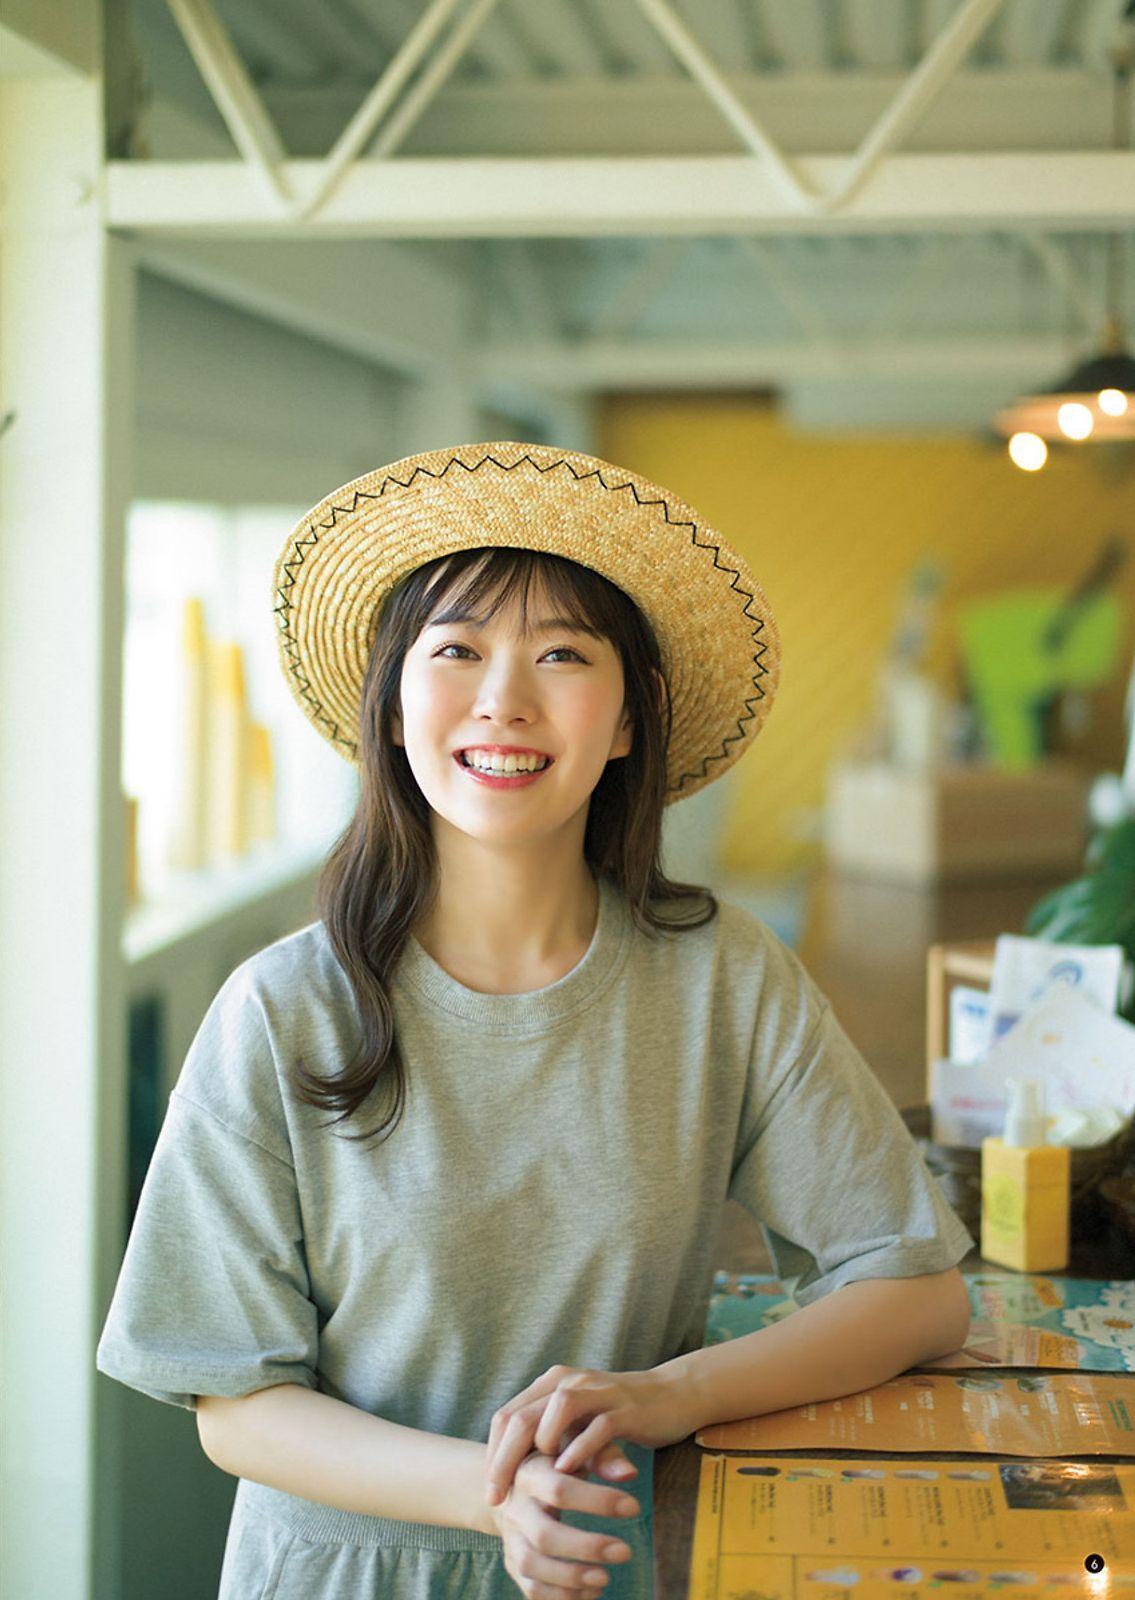 樱木美凉Young Champion写真杂志限定角度的胸拍 美女写真 热图6